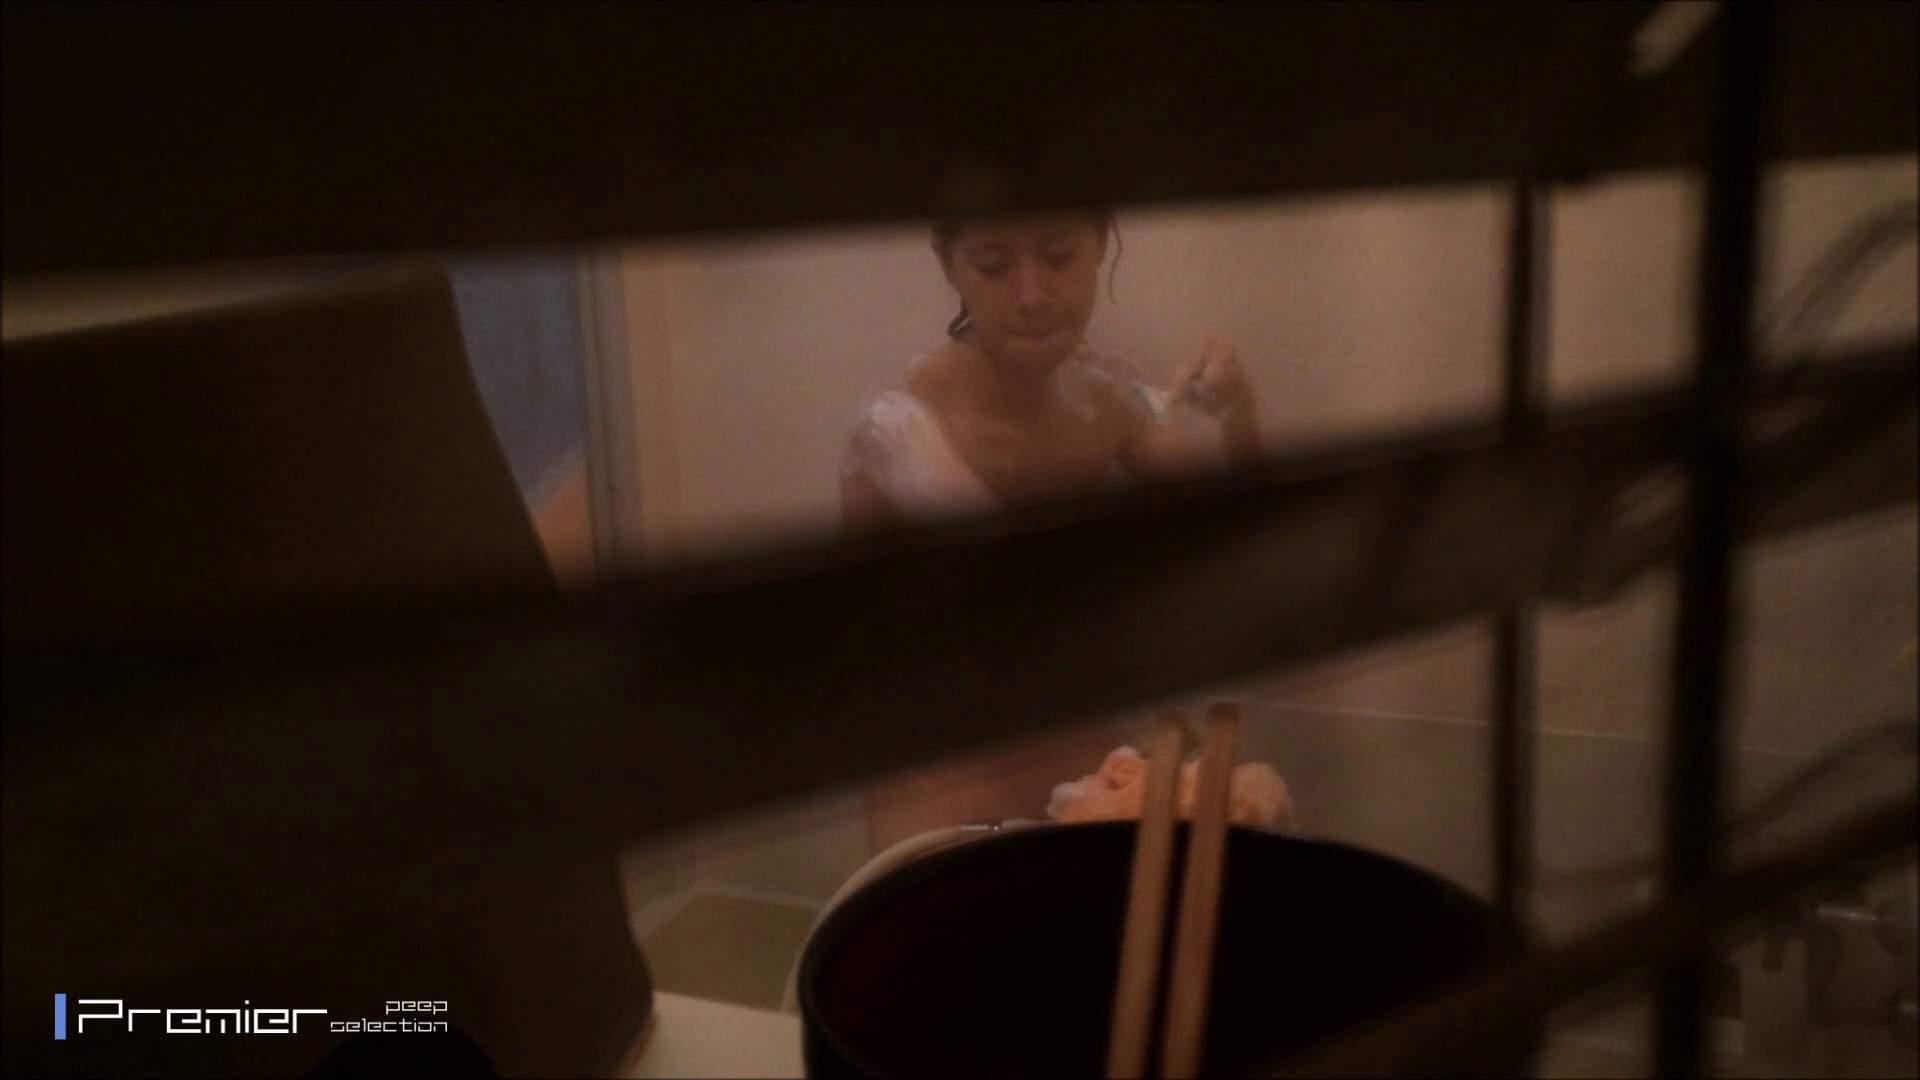 高画質フルハイビジョン スレンダー美女の入浴 乙女の風呂場 Vol.04 OLハメ撮り  94Pix 65